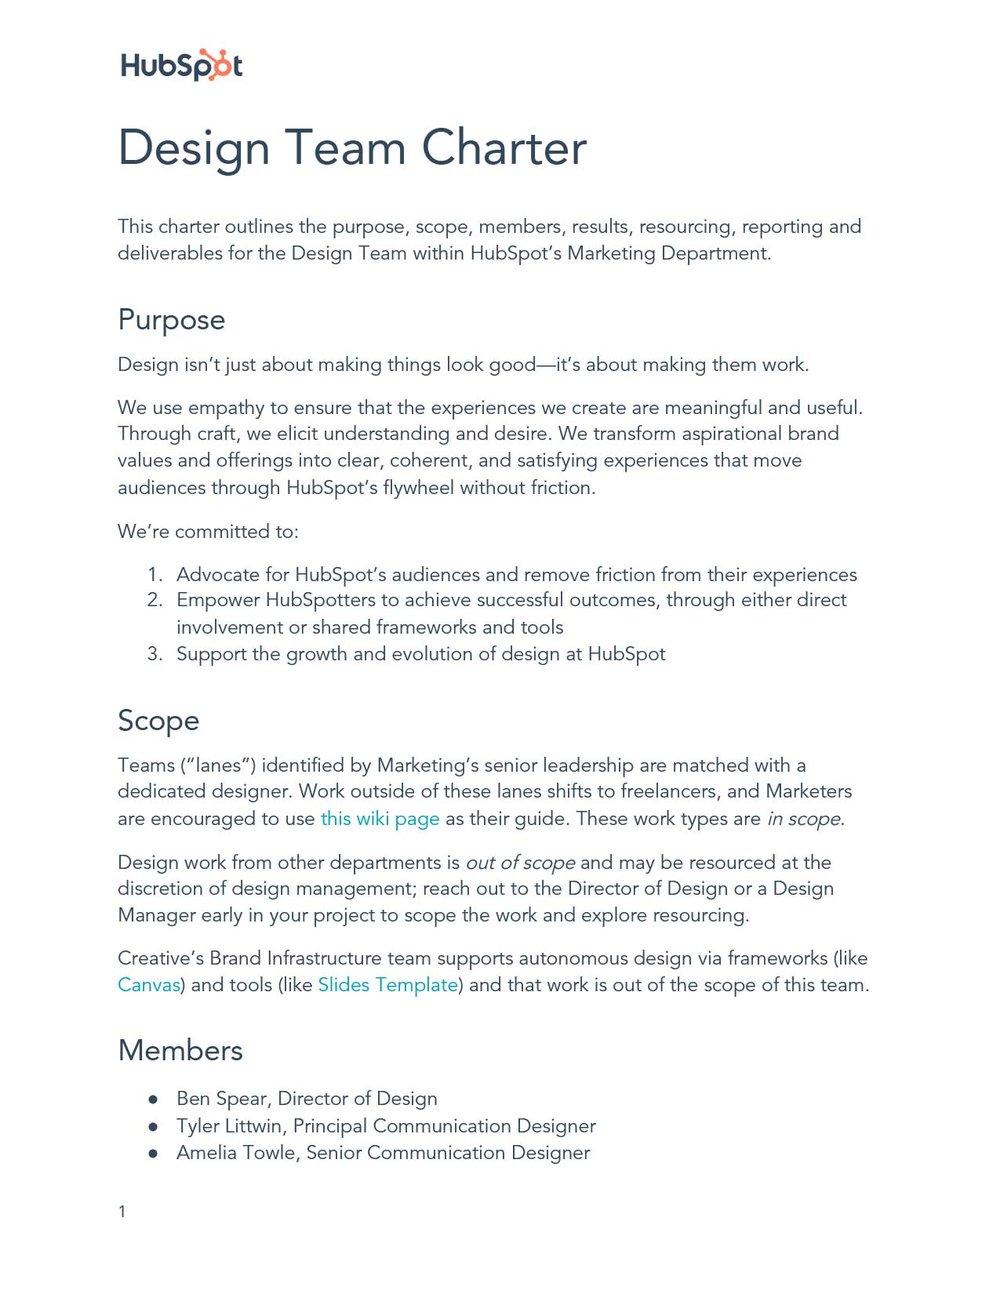 Design-Team-Charter-1.jpg